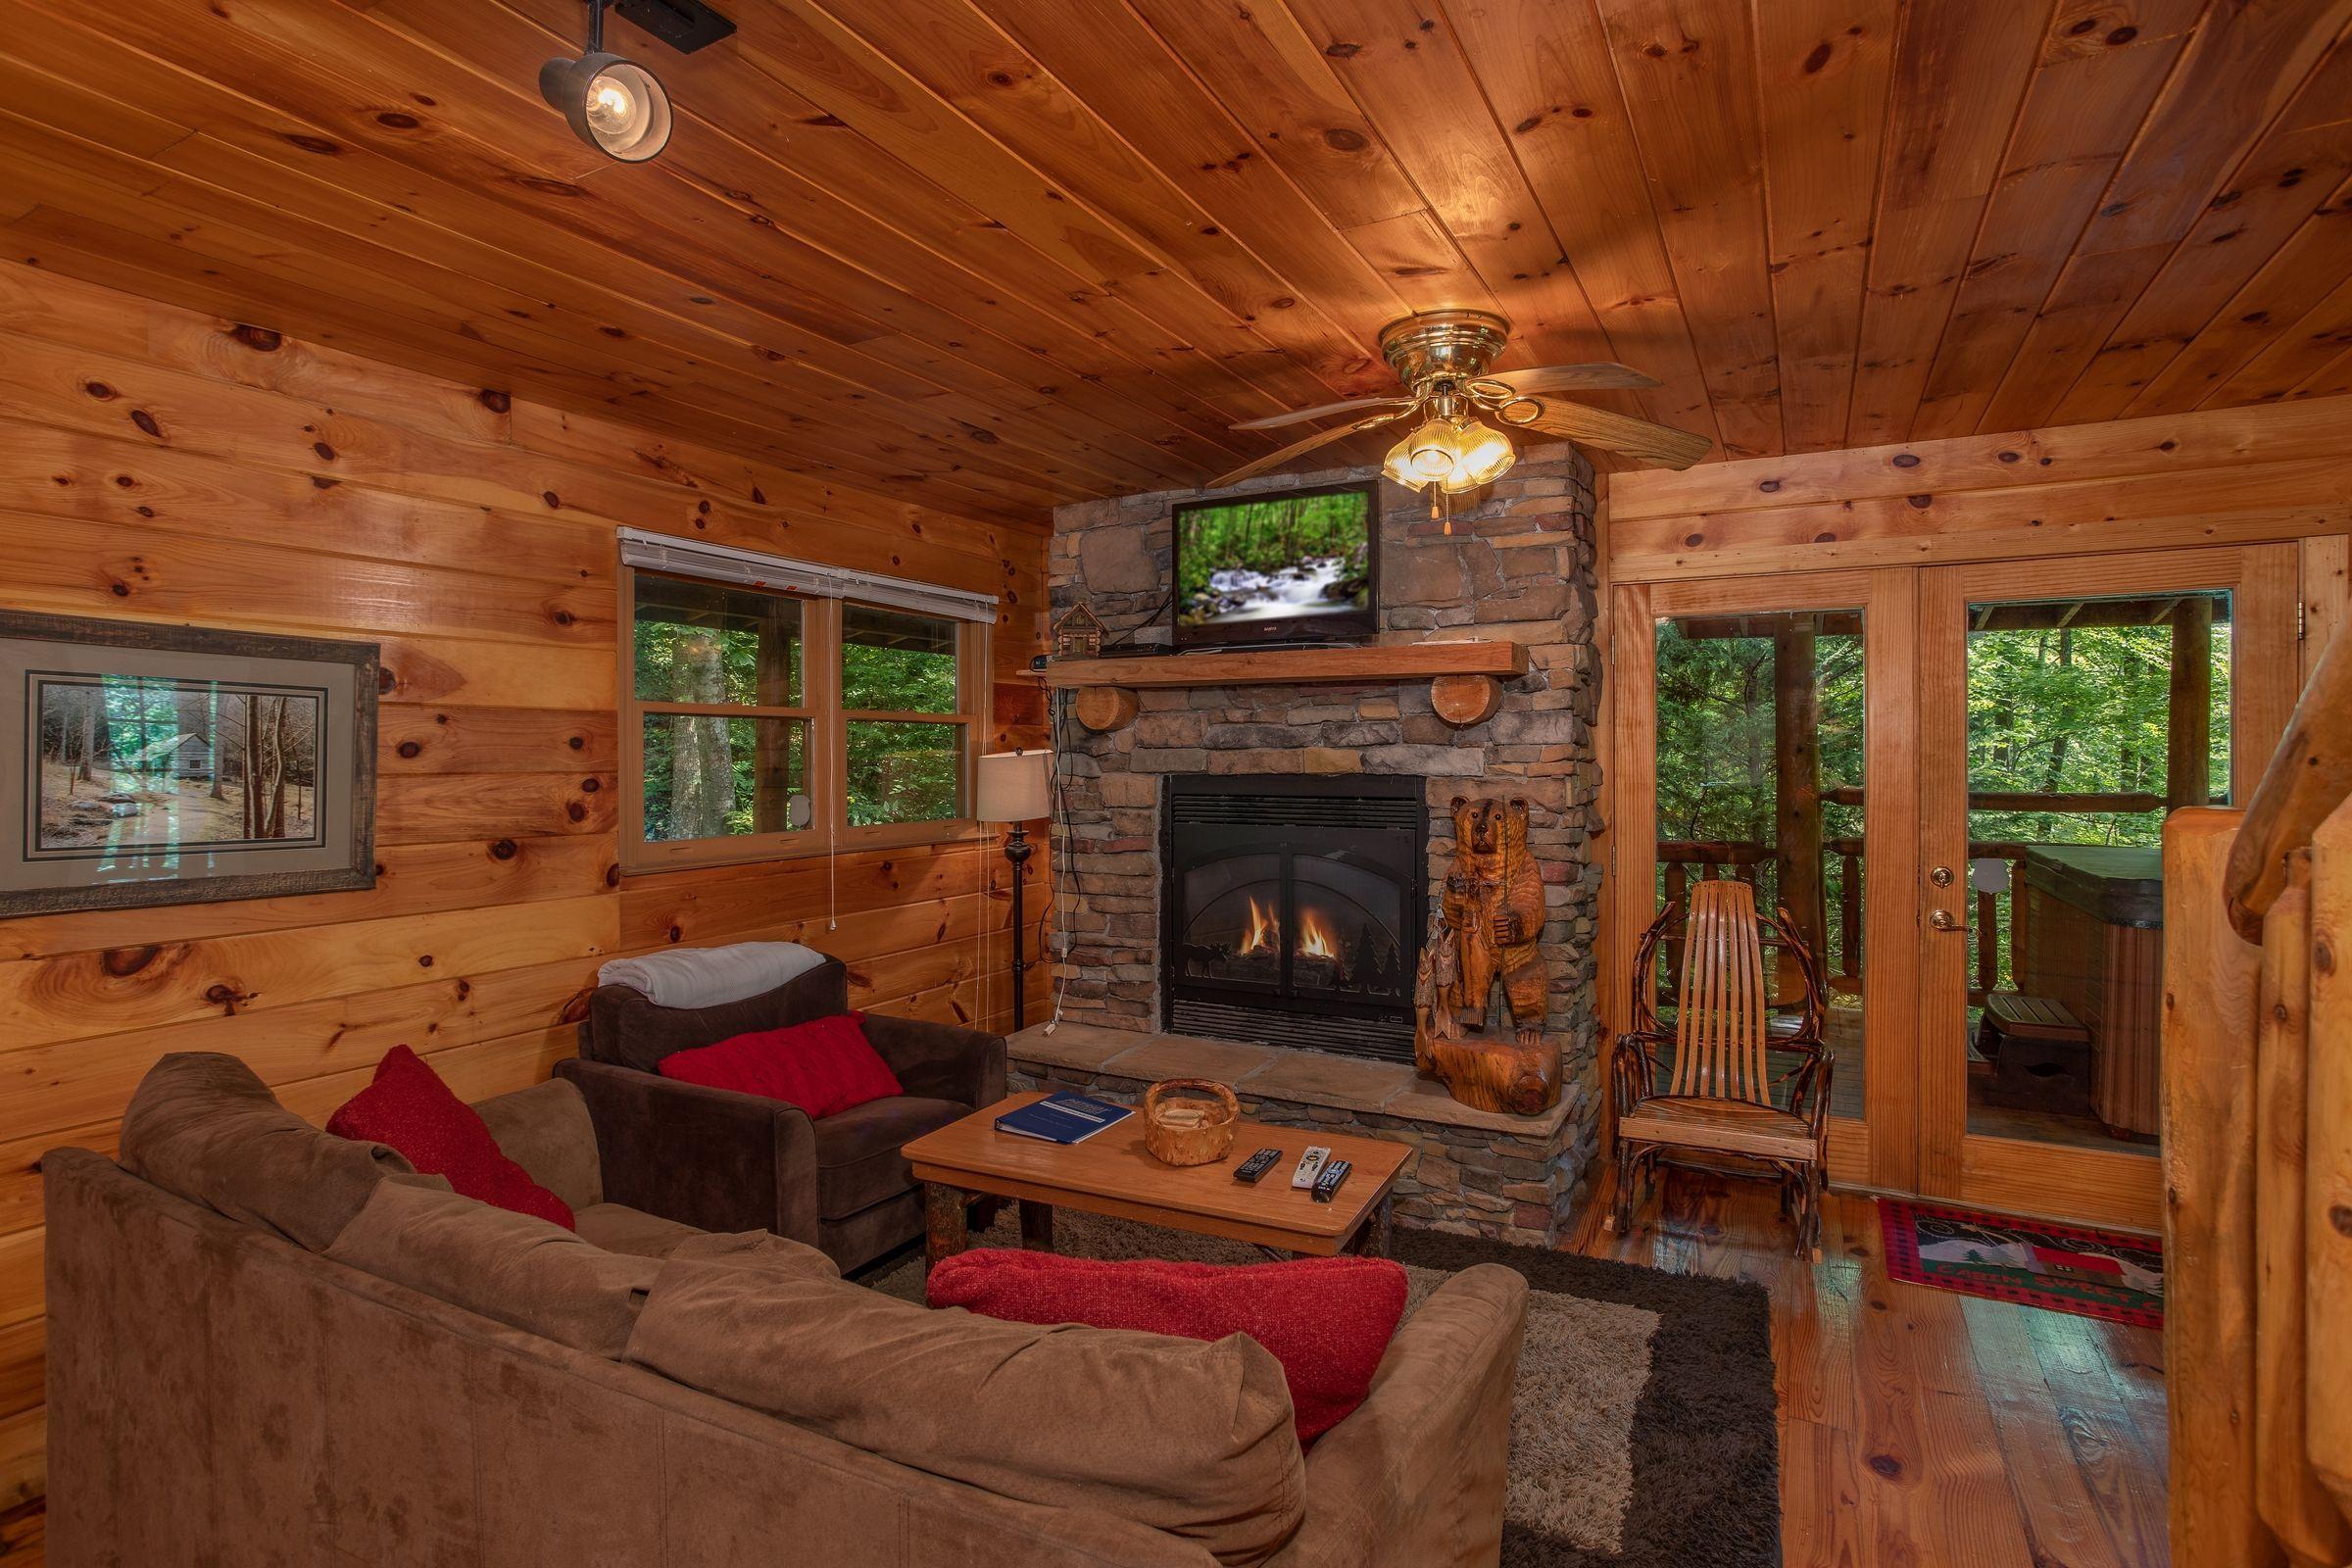 Gatlinburg Cabins Cabin Rentals In Gatlinburg Tn Cabin Cabin Rentals Gatlinburg Cabins